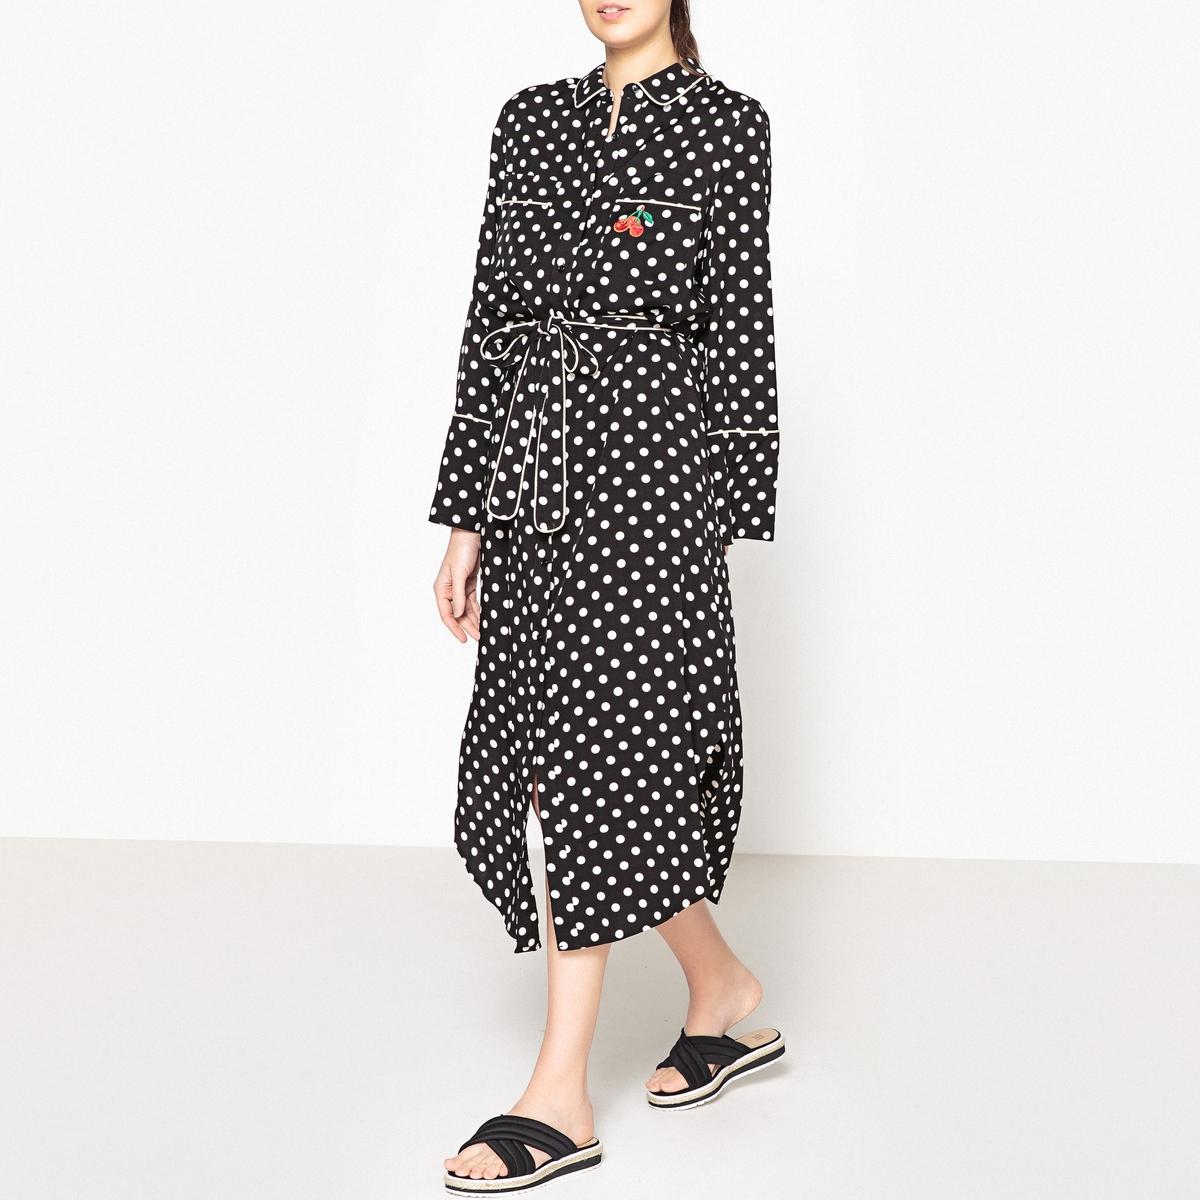 Платье-рубашка длинное с рисунком в горошек POURYOU рубашка в мелкий горошек